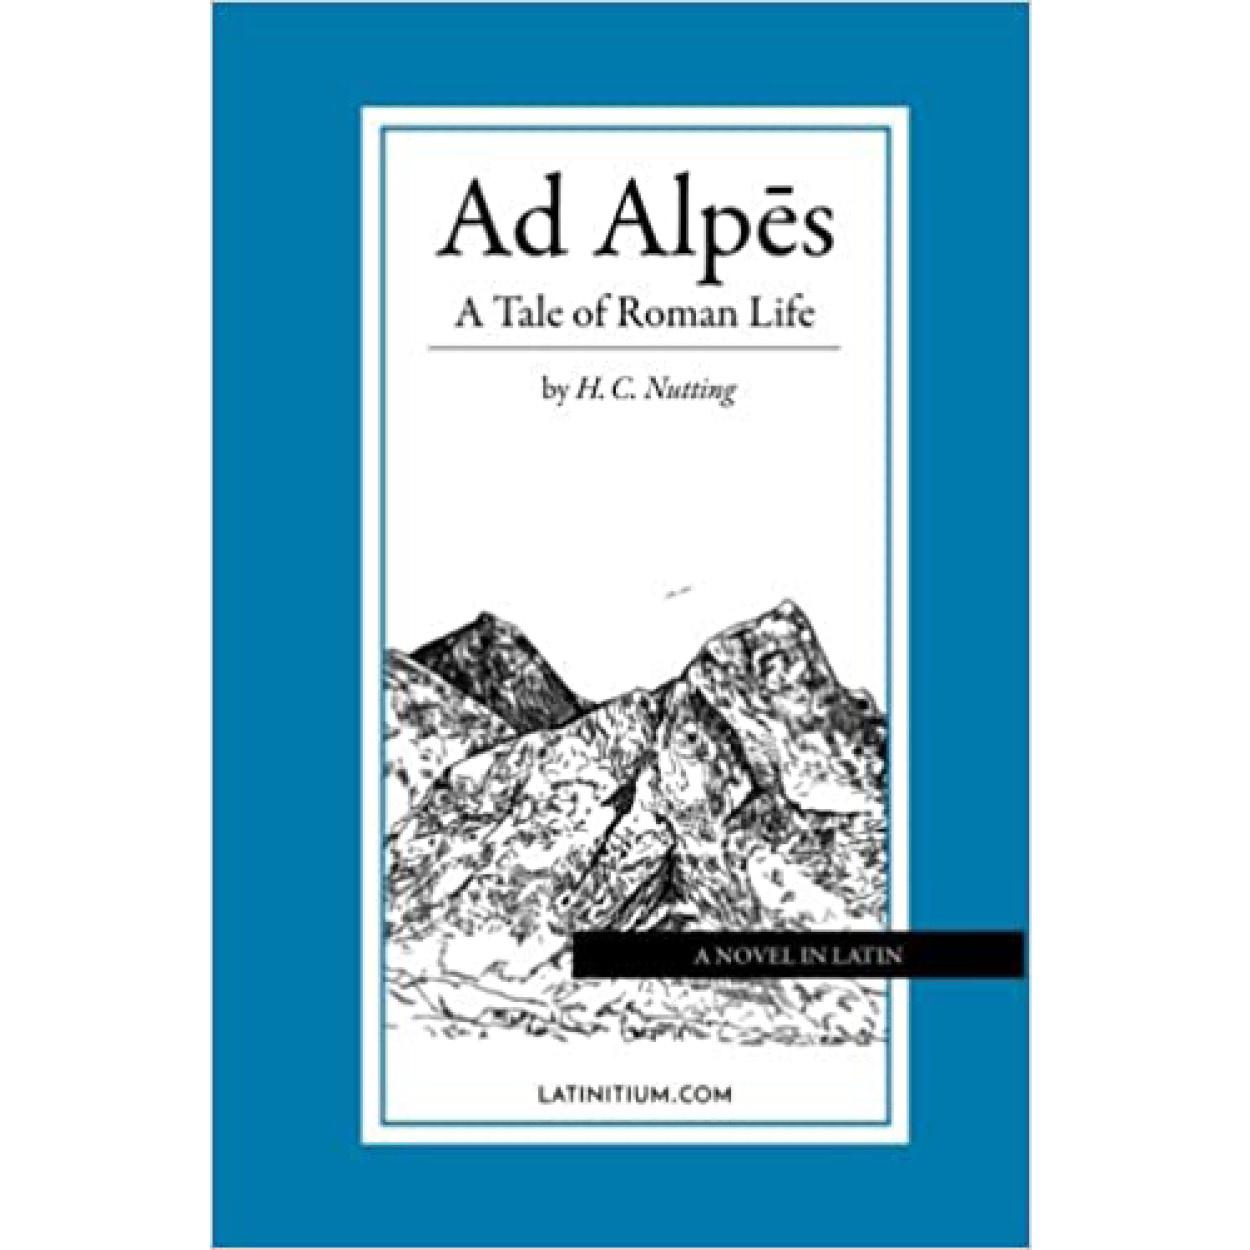 Ad Alpēs